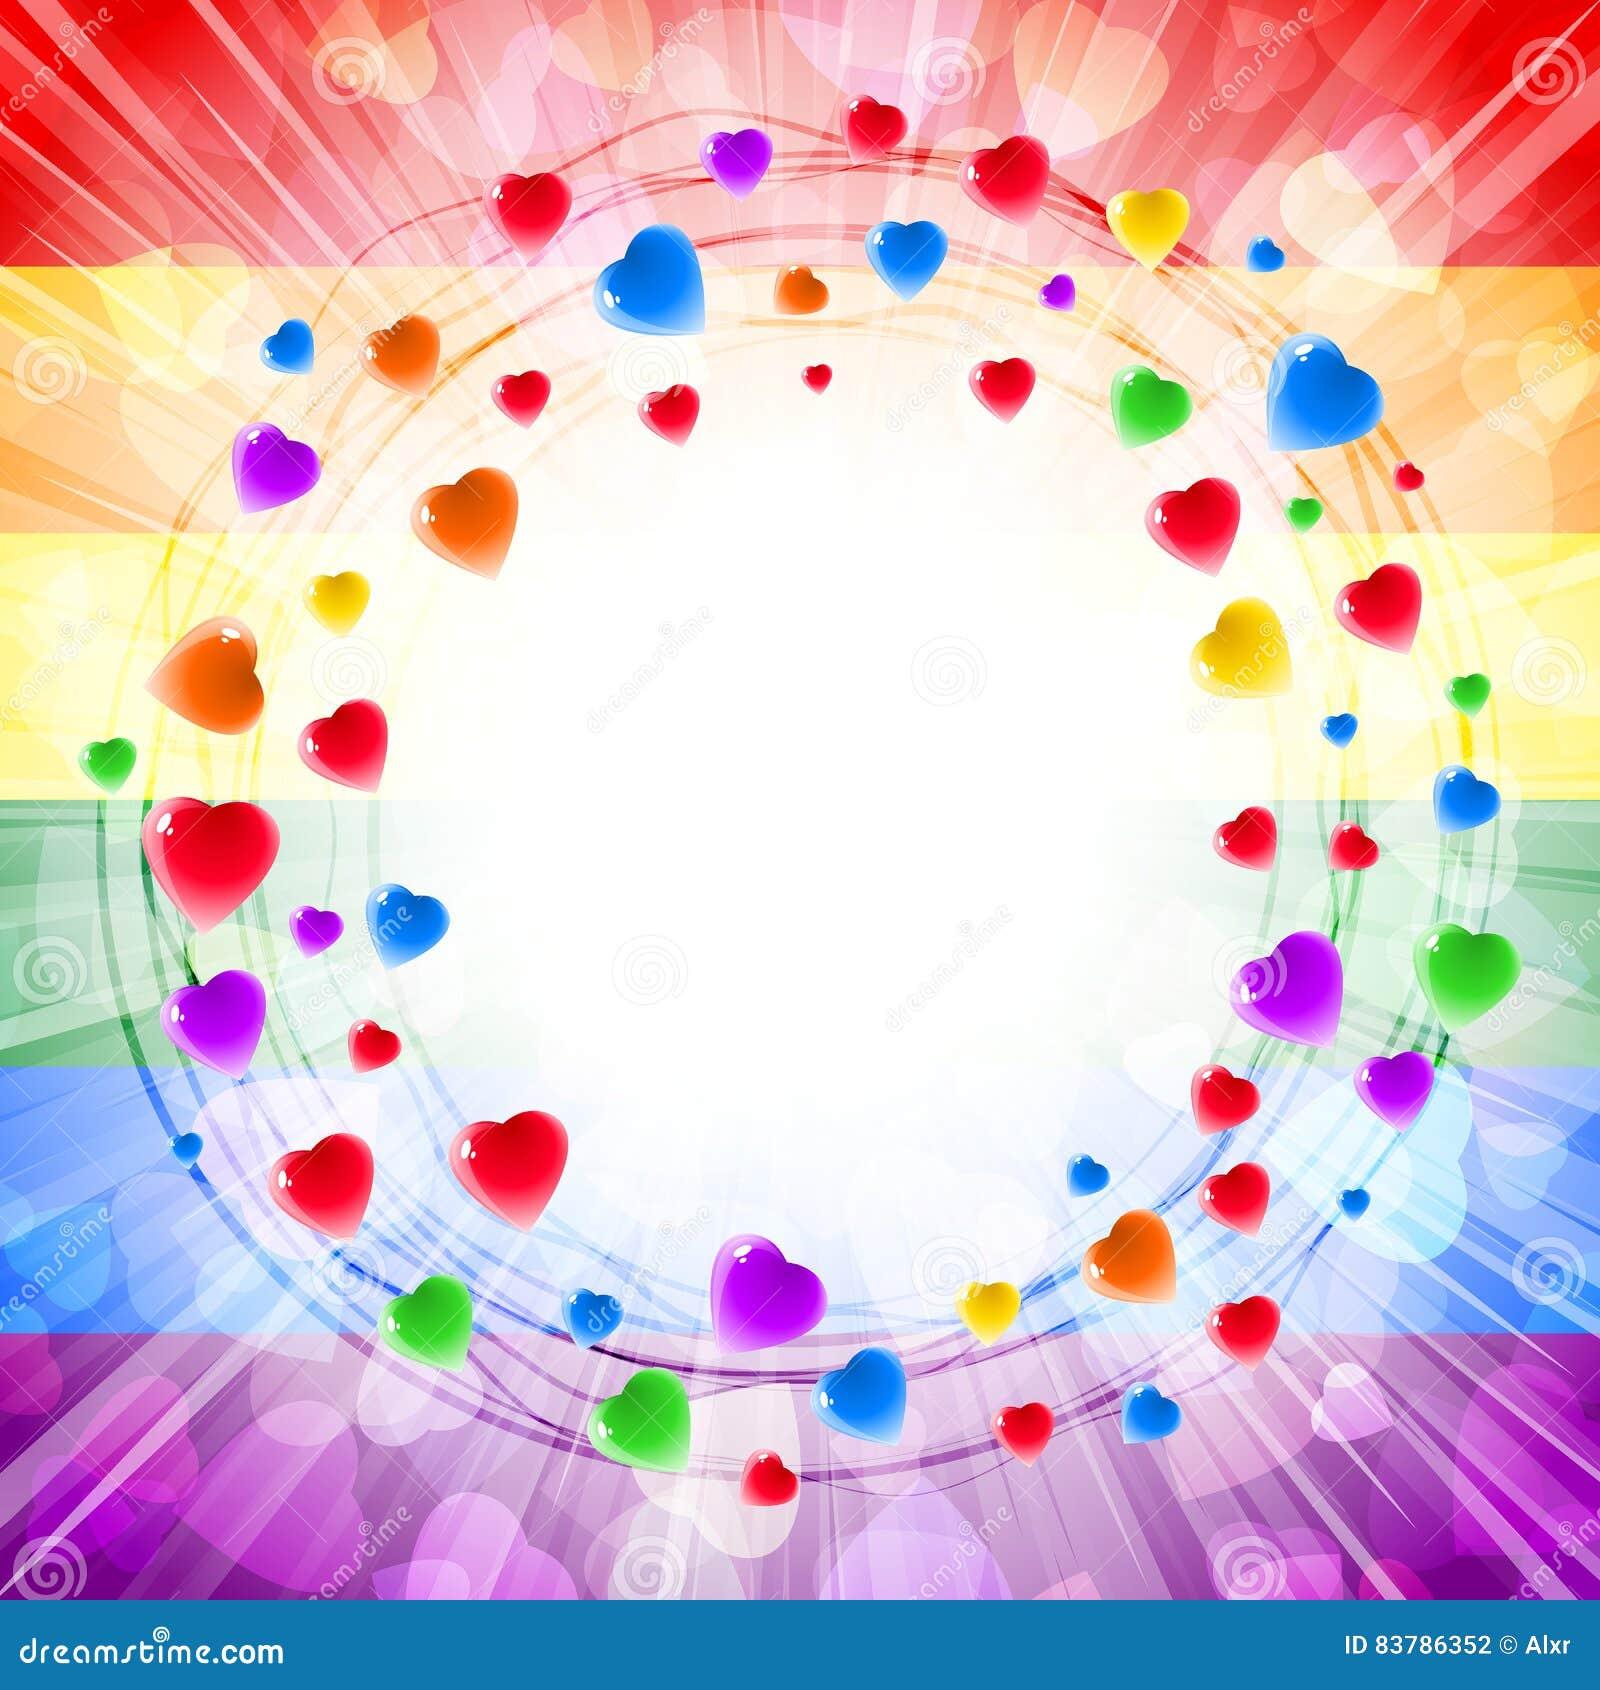 Herz-Liebe Valenitines-Hintergrund-Rahmen-Kreis-Strudel-Karte Herum ...